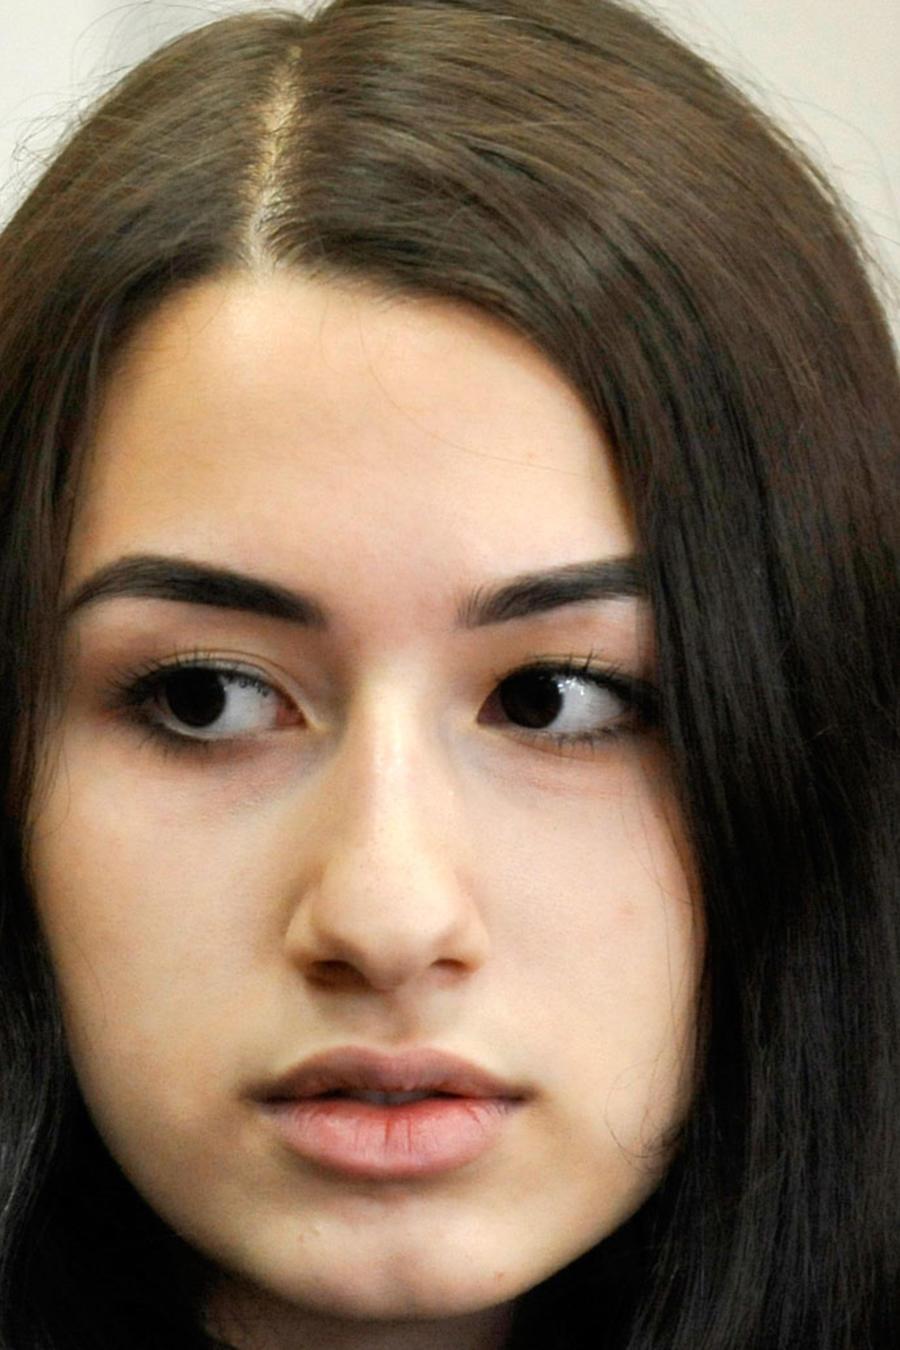 Krestina Khachaturyan, de 19 años, una de las tres hermanas acusadas de matar a su padre en Moscú